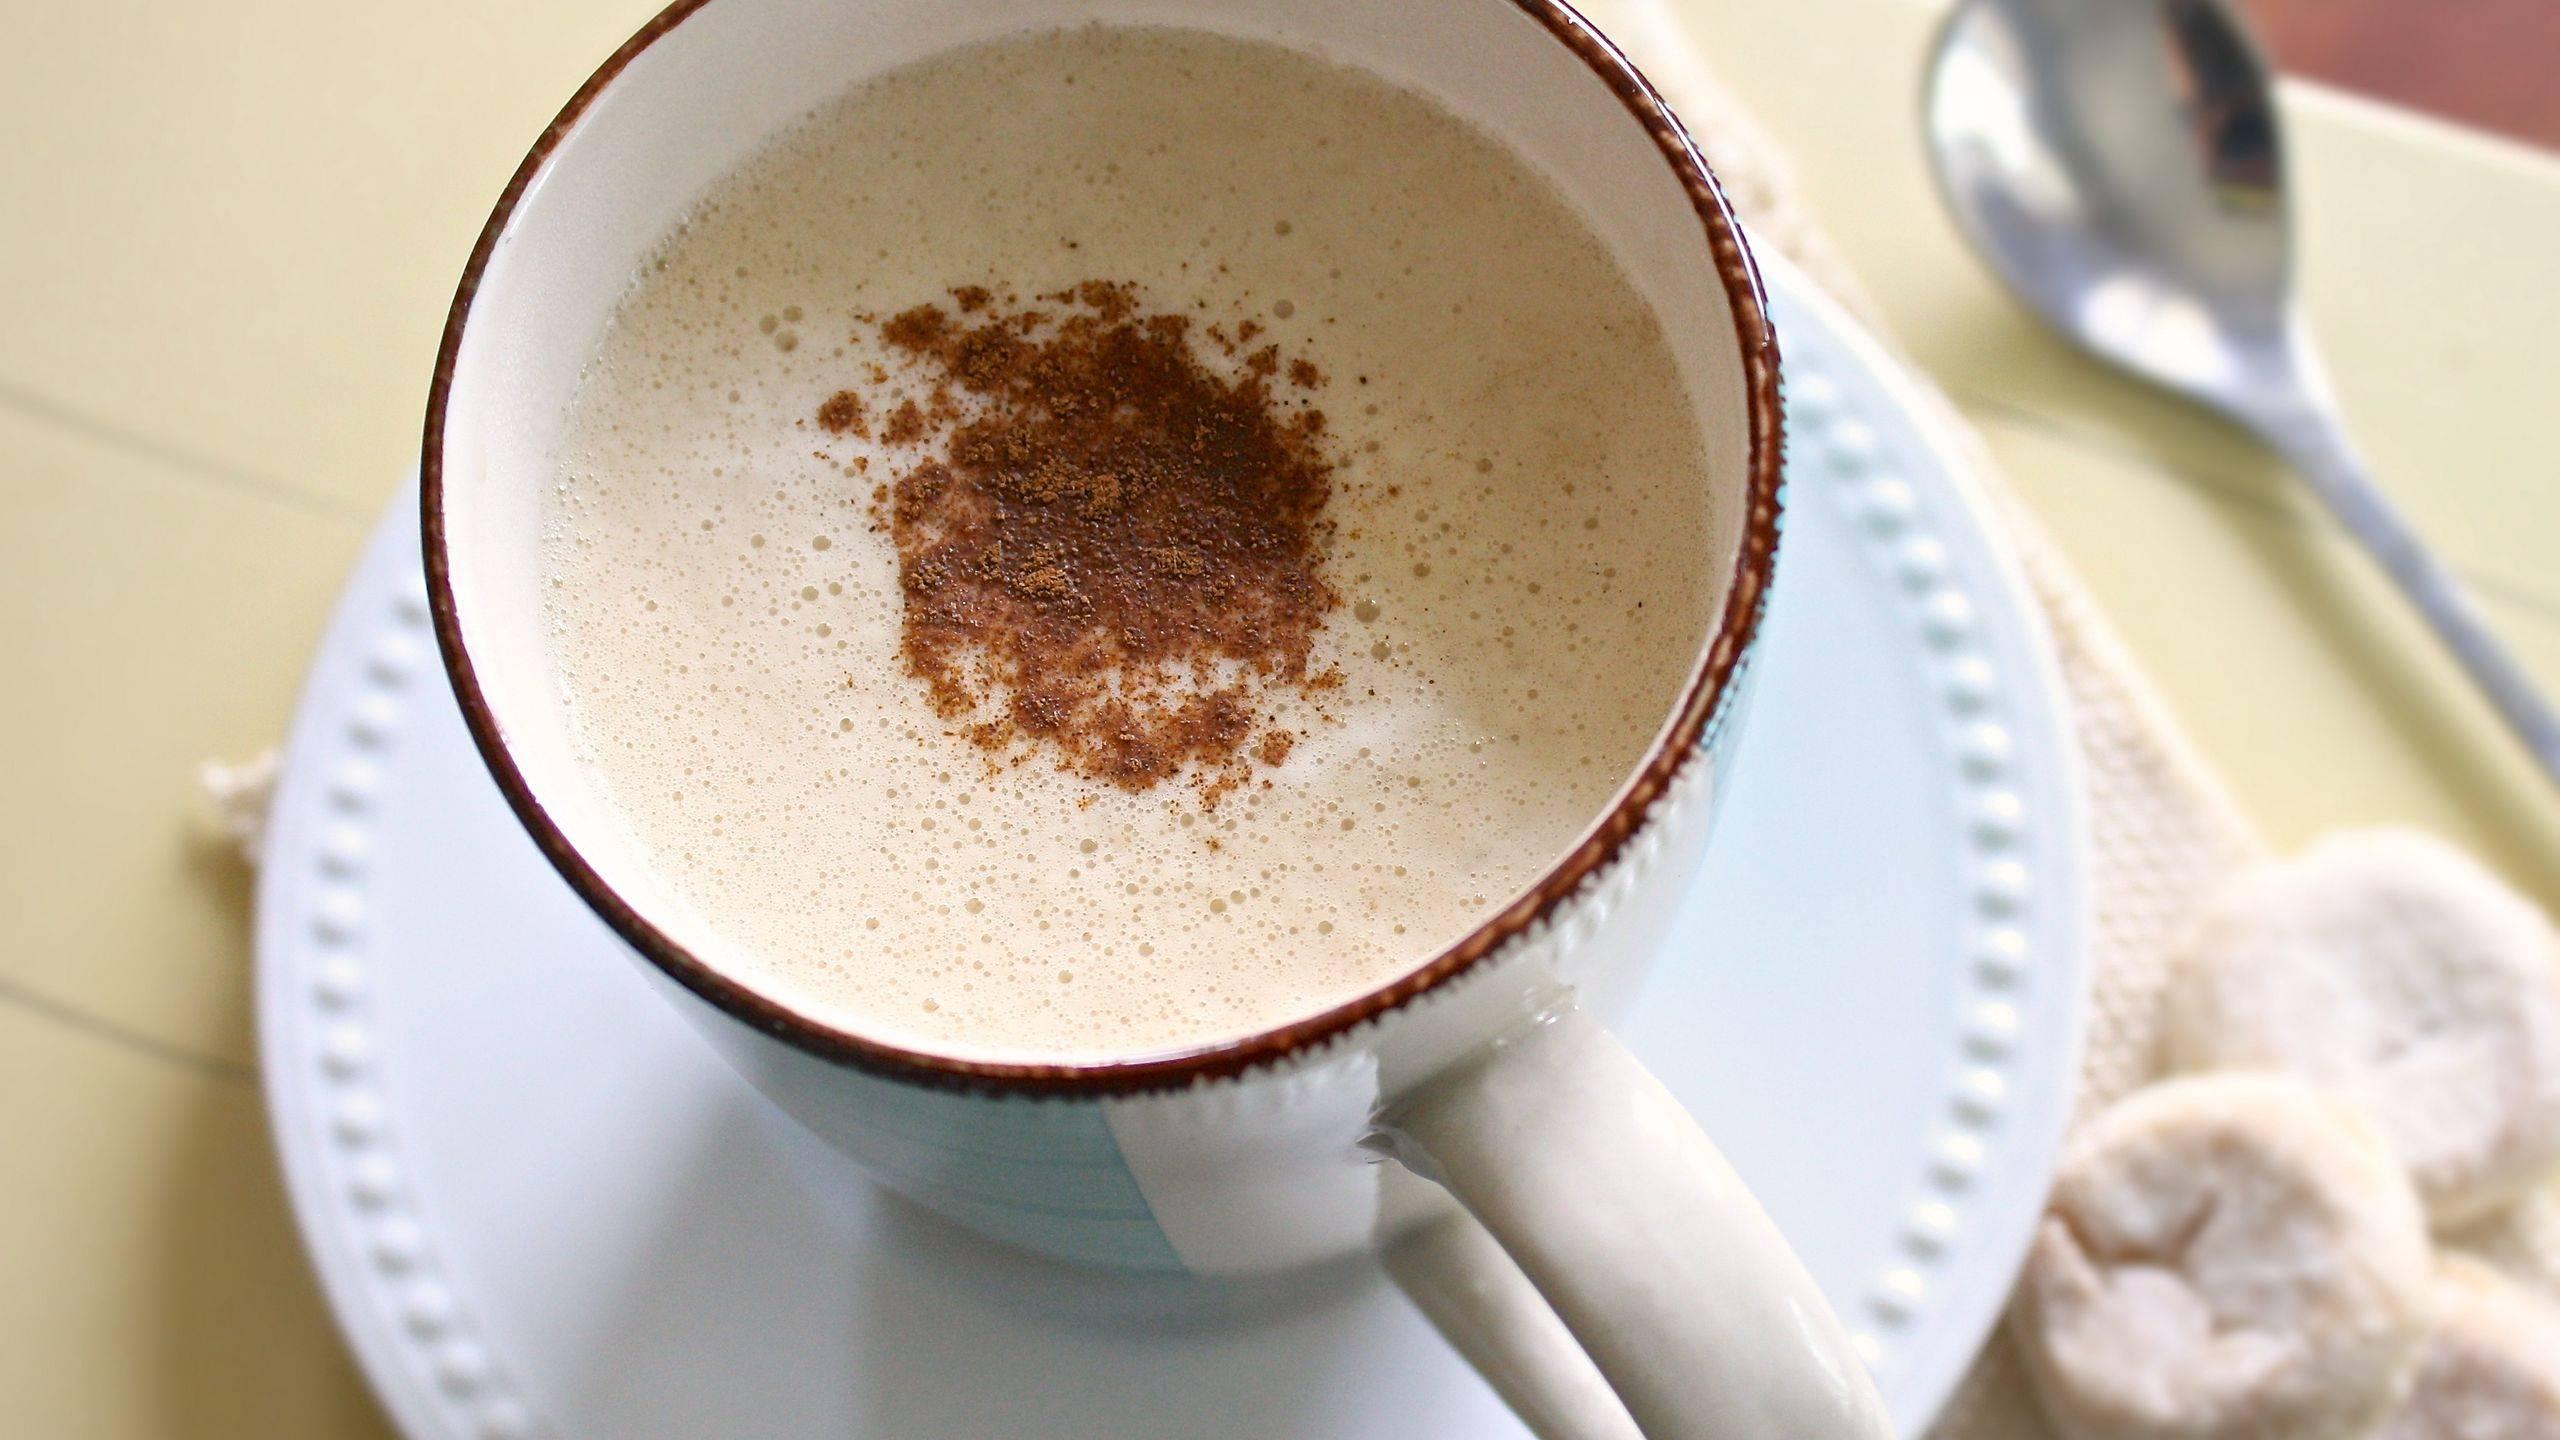 Кофе с молоком: вред или польза для организма